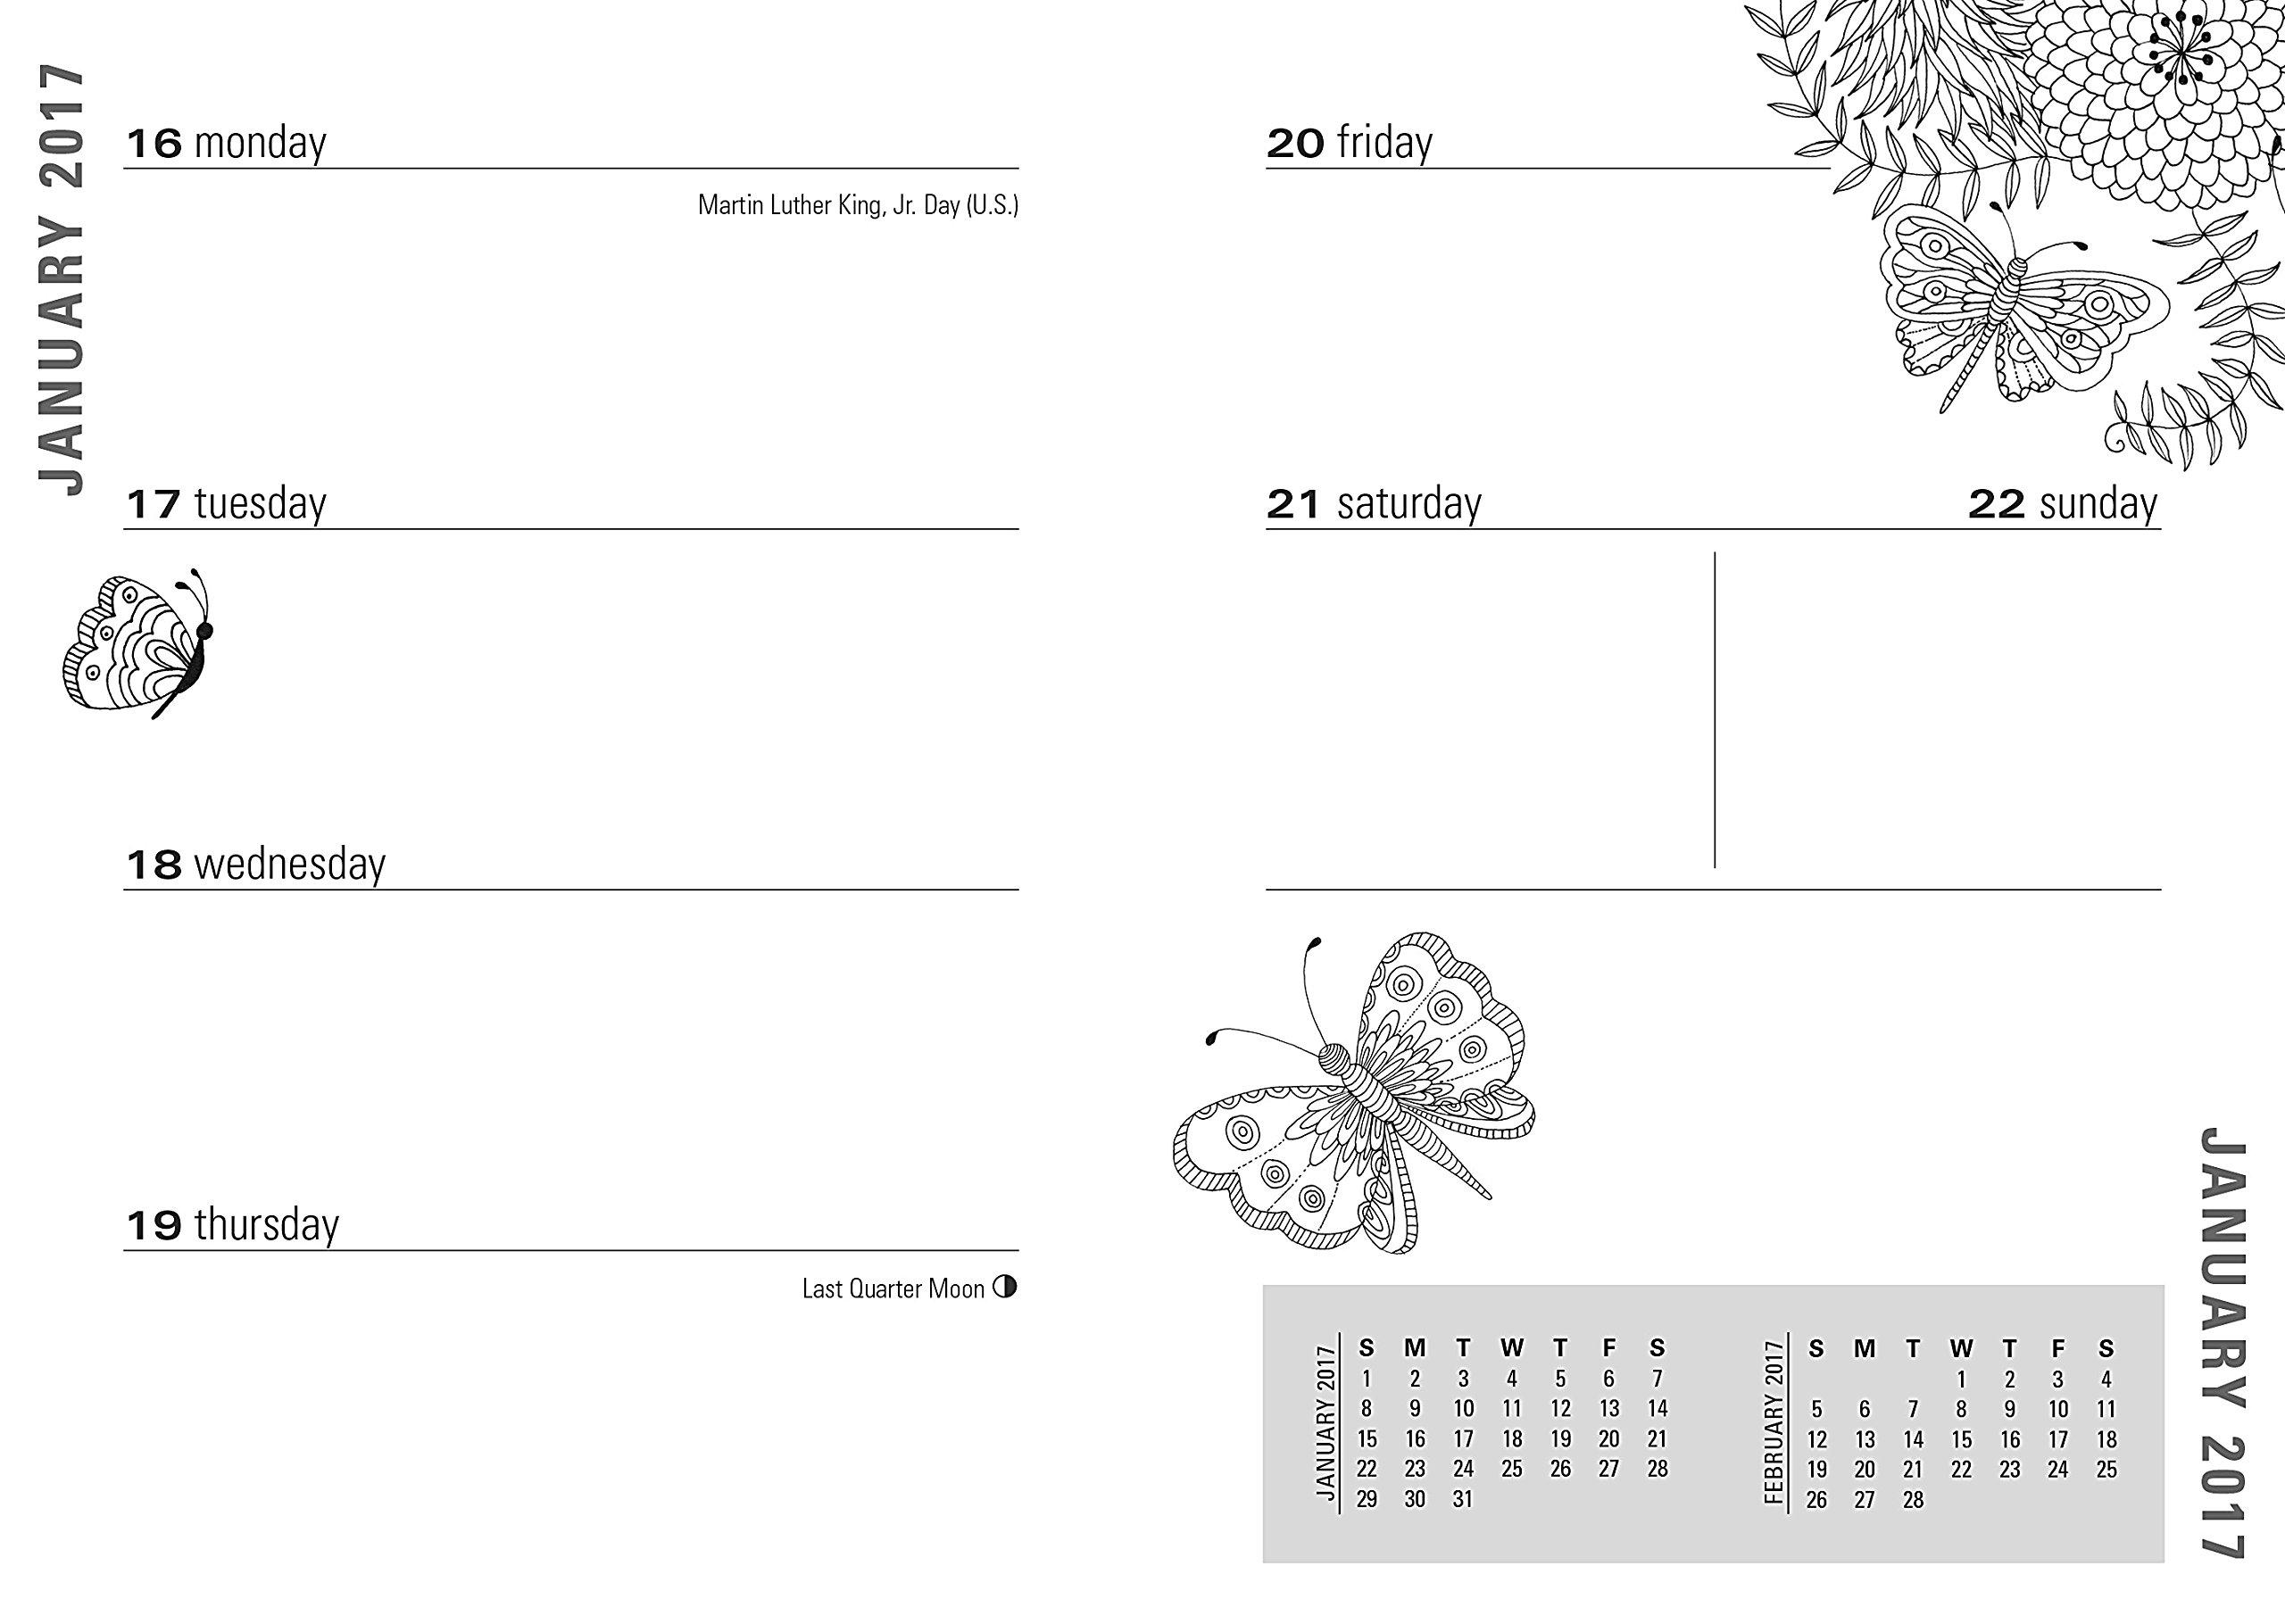 2017 Zen Garden Weekly Planner 16 month Adult Coloring Calendar Peter Pauper Press Amazon Books